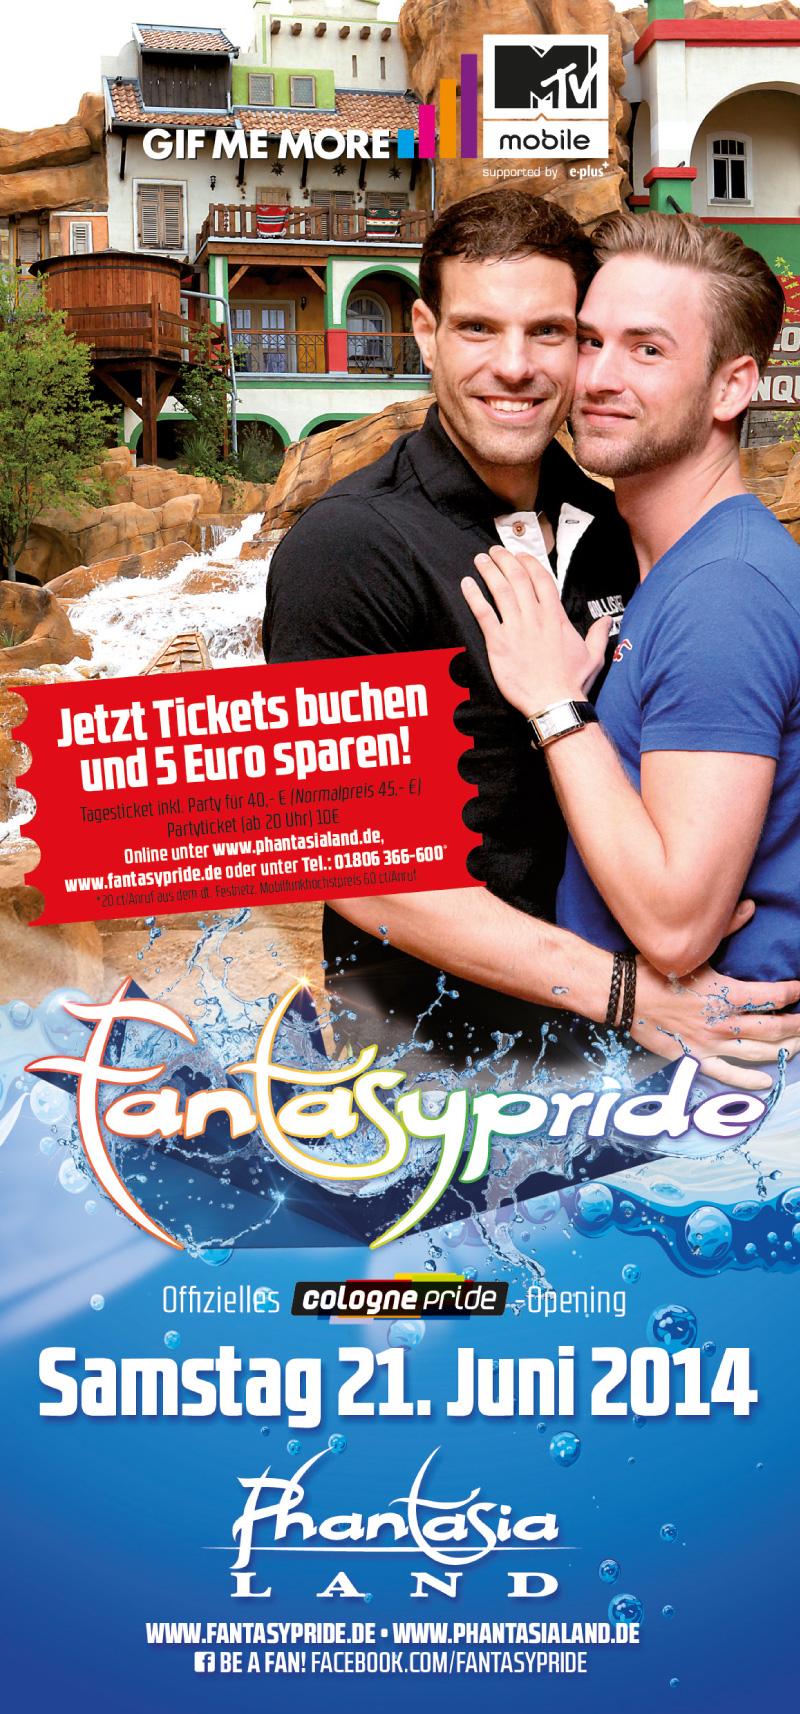 Fantasypride2014 Fyler DIN Lang Vorne